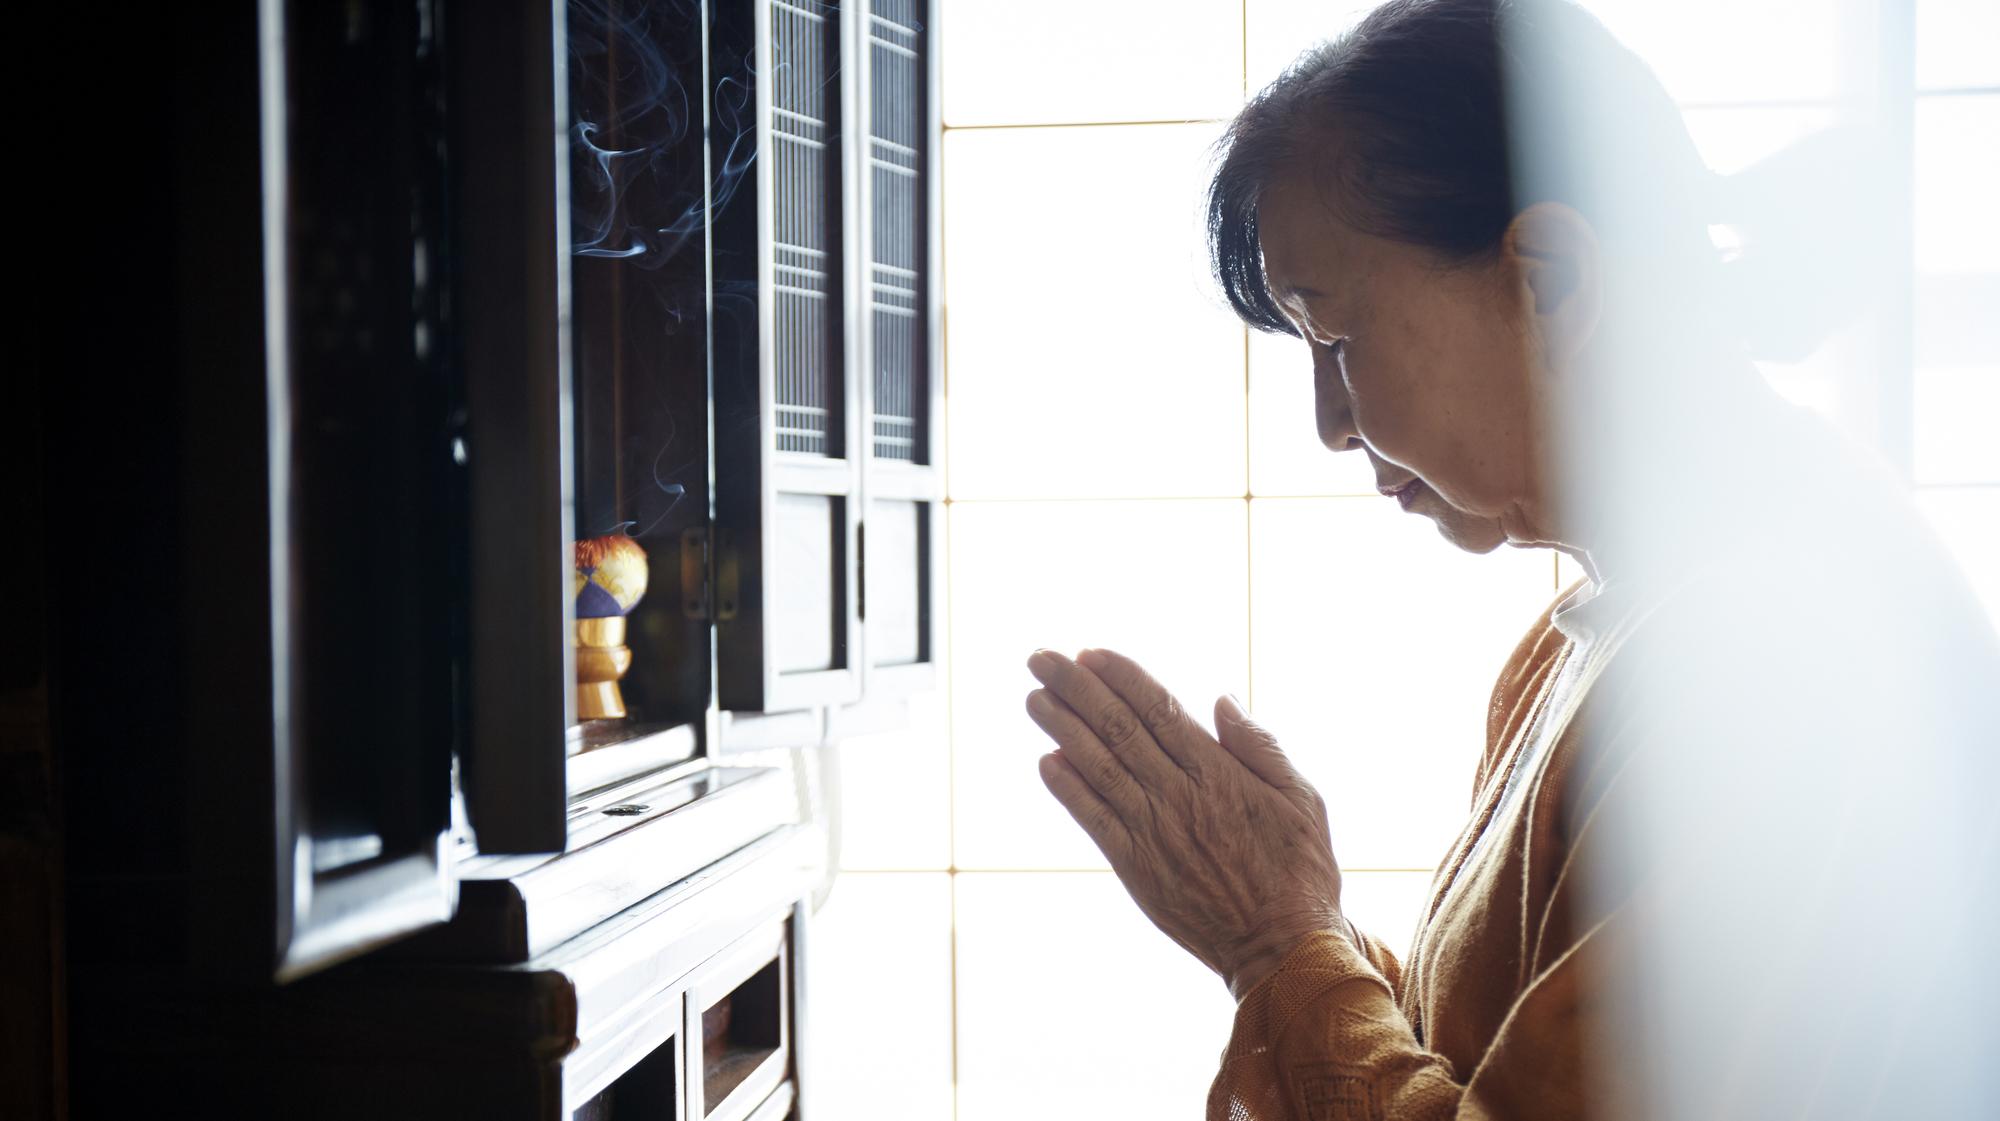 お仏壇の種類とは?金仏壇や唐木仏壇、モダン仏壇まで徹底解説